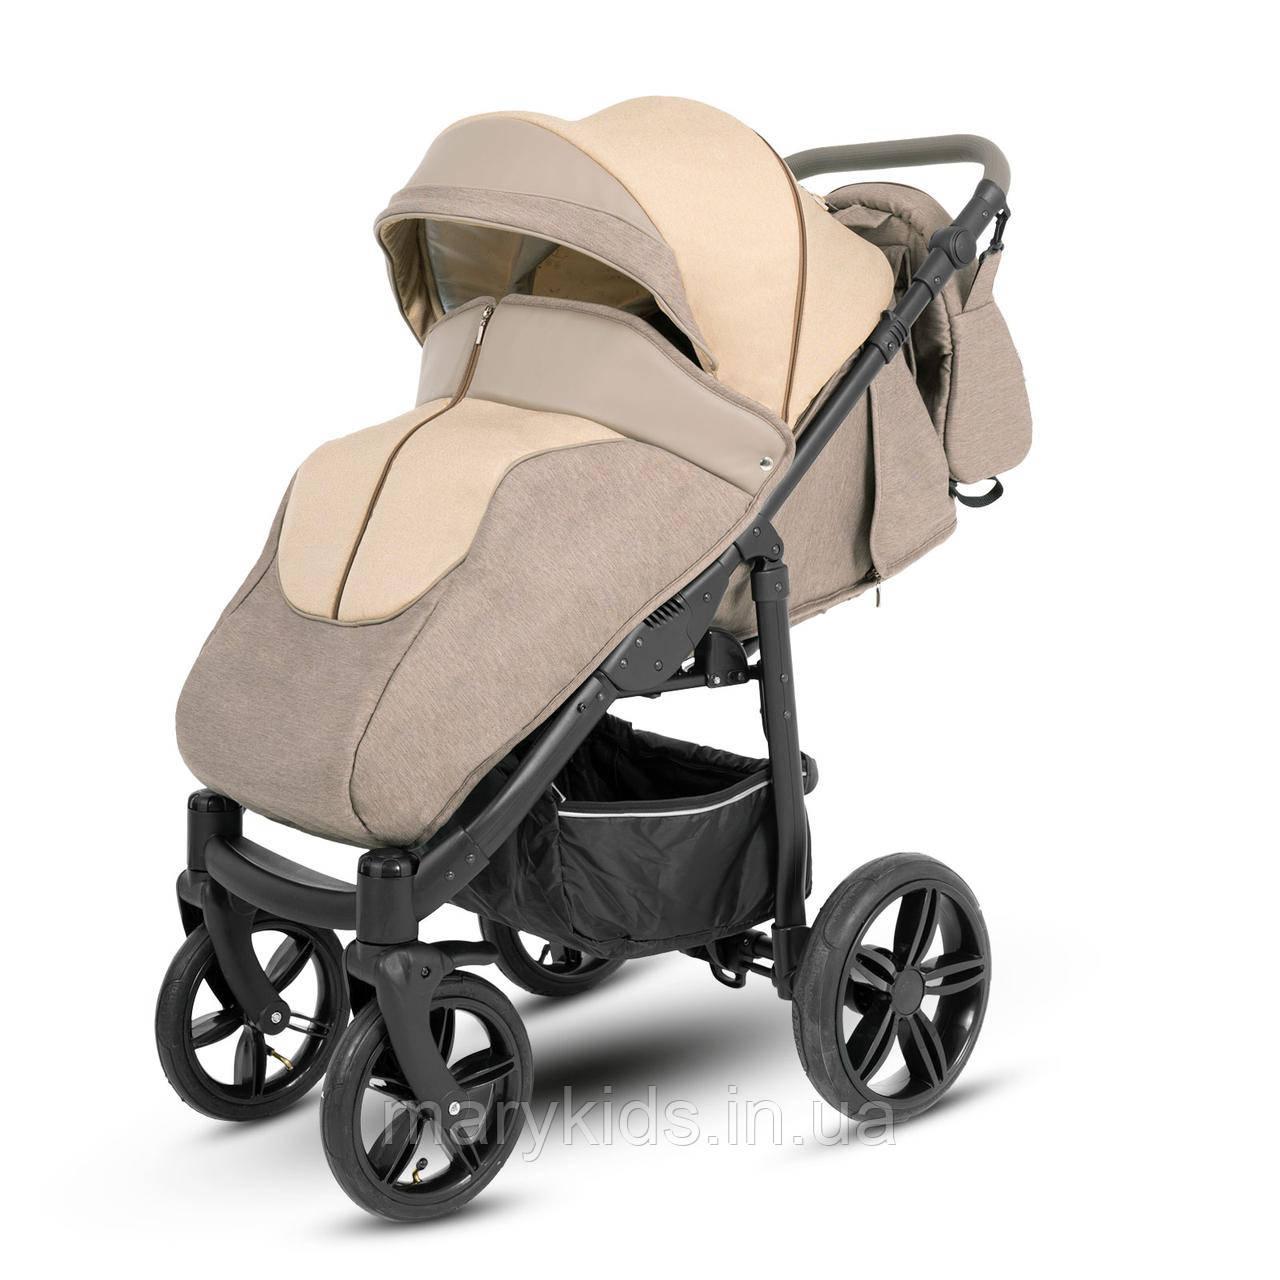 Детская универсальная прогулочная коляска Camarelo Elix Ex-1